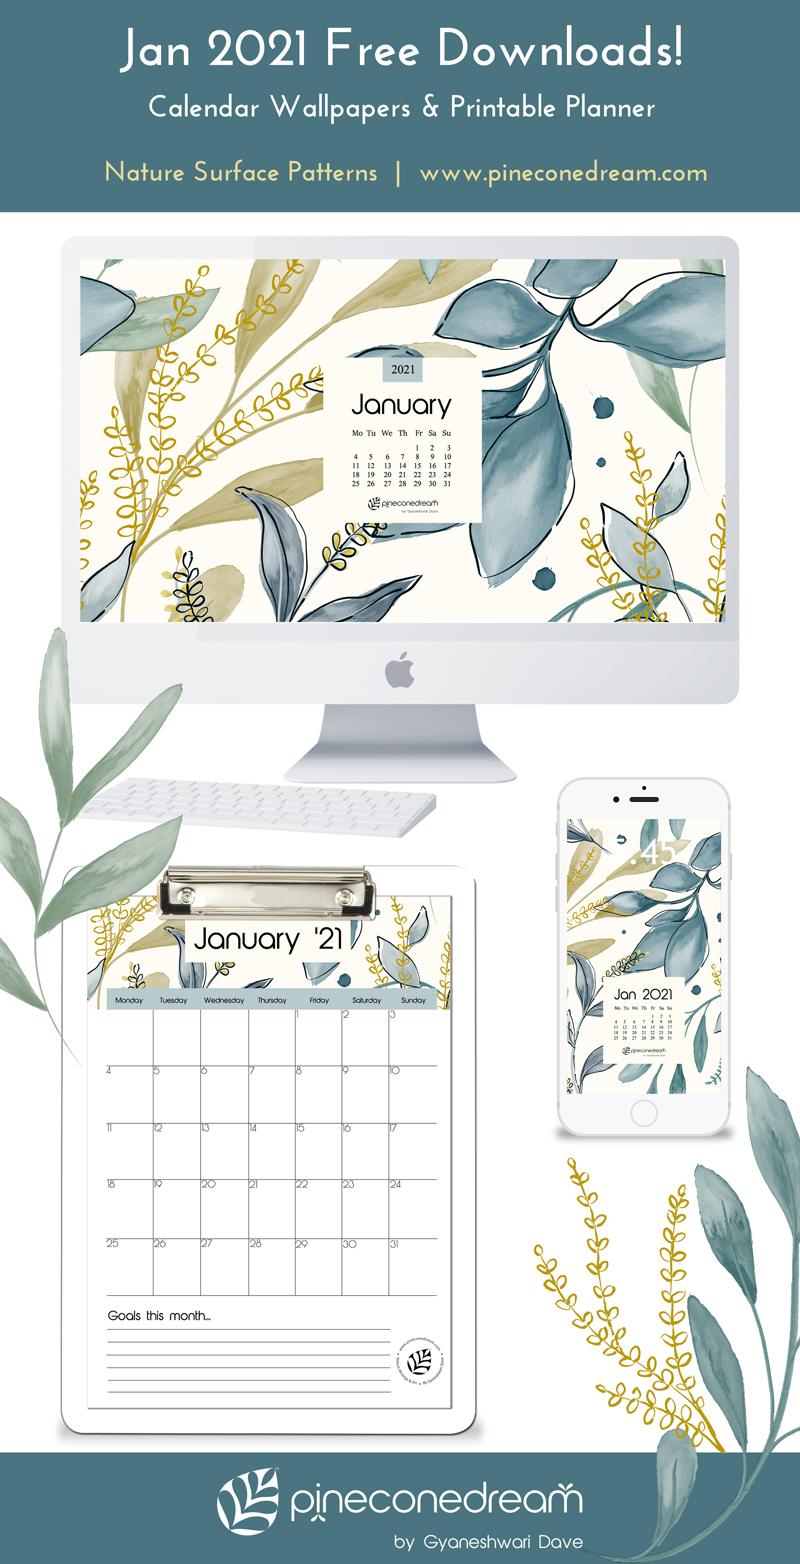 Jan 2021 Desktop Calendar Wallpaper